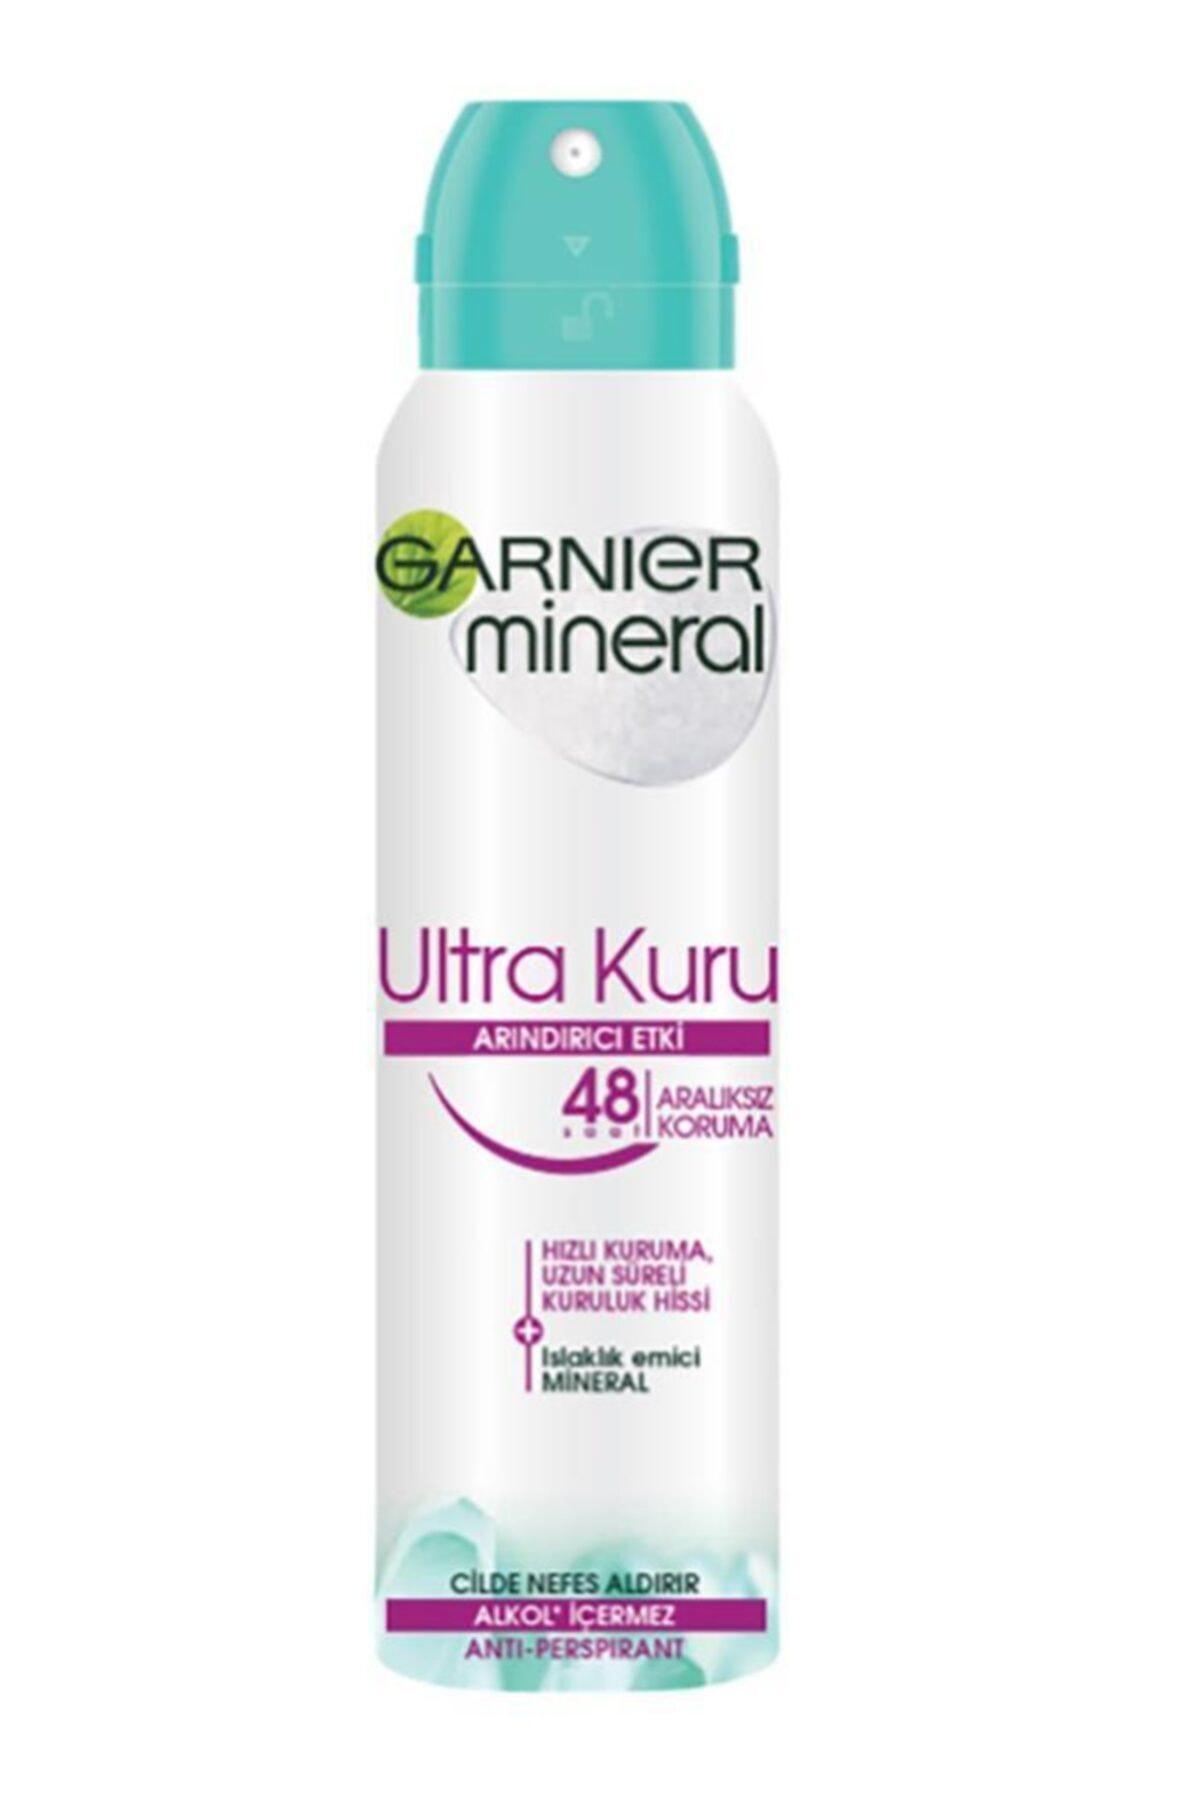 Garnier Mineral Ultra Kuru 48 Saat Koruma Deodorant 150 Ml 1